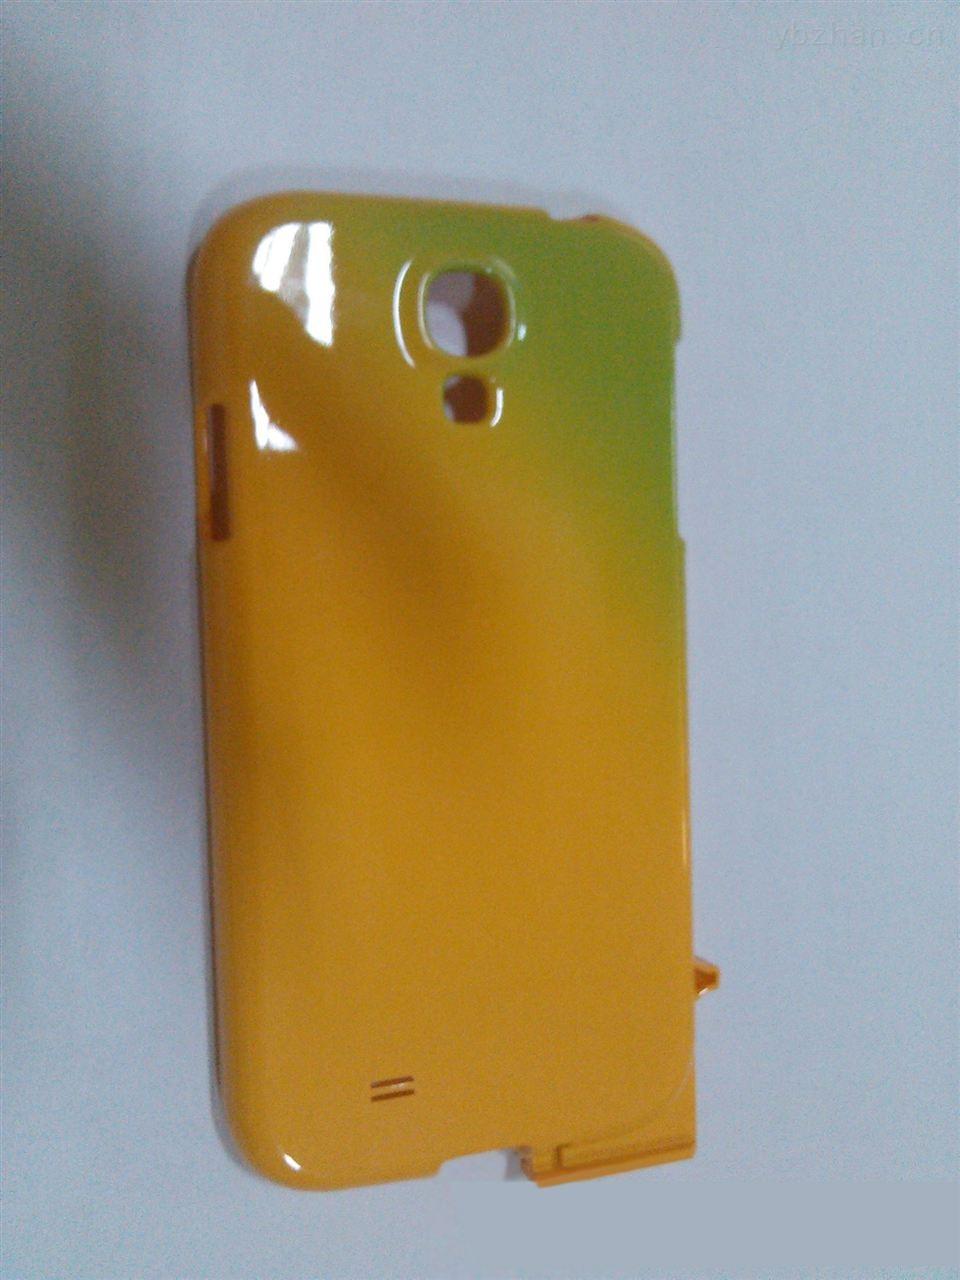 专业手机壳喷漆加工 松江各种塑胶喷油喷漆